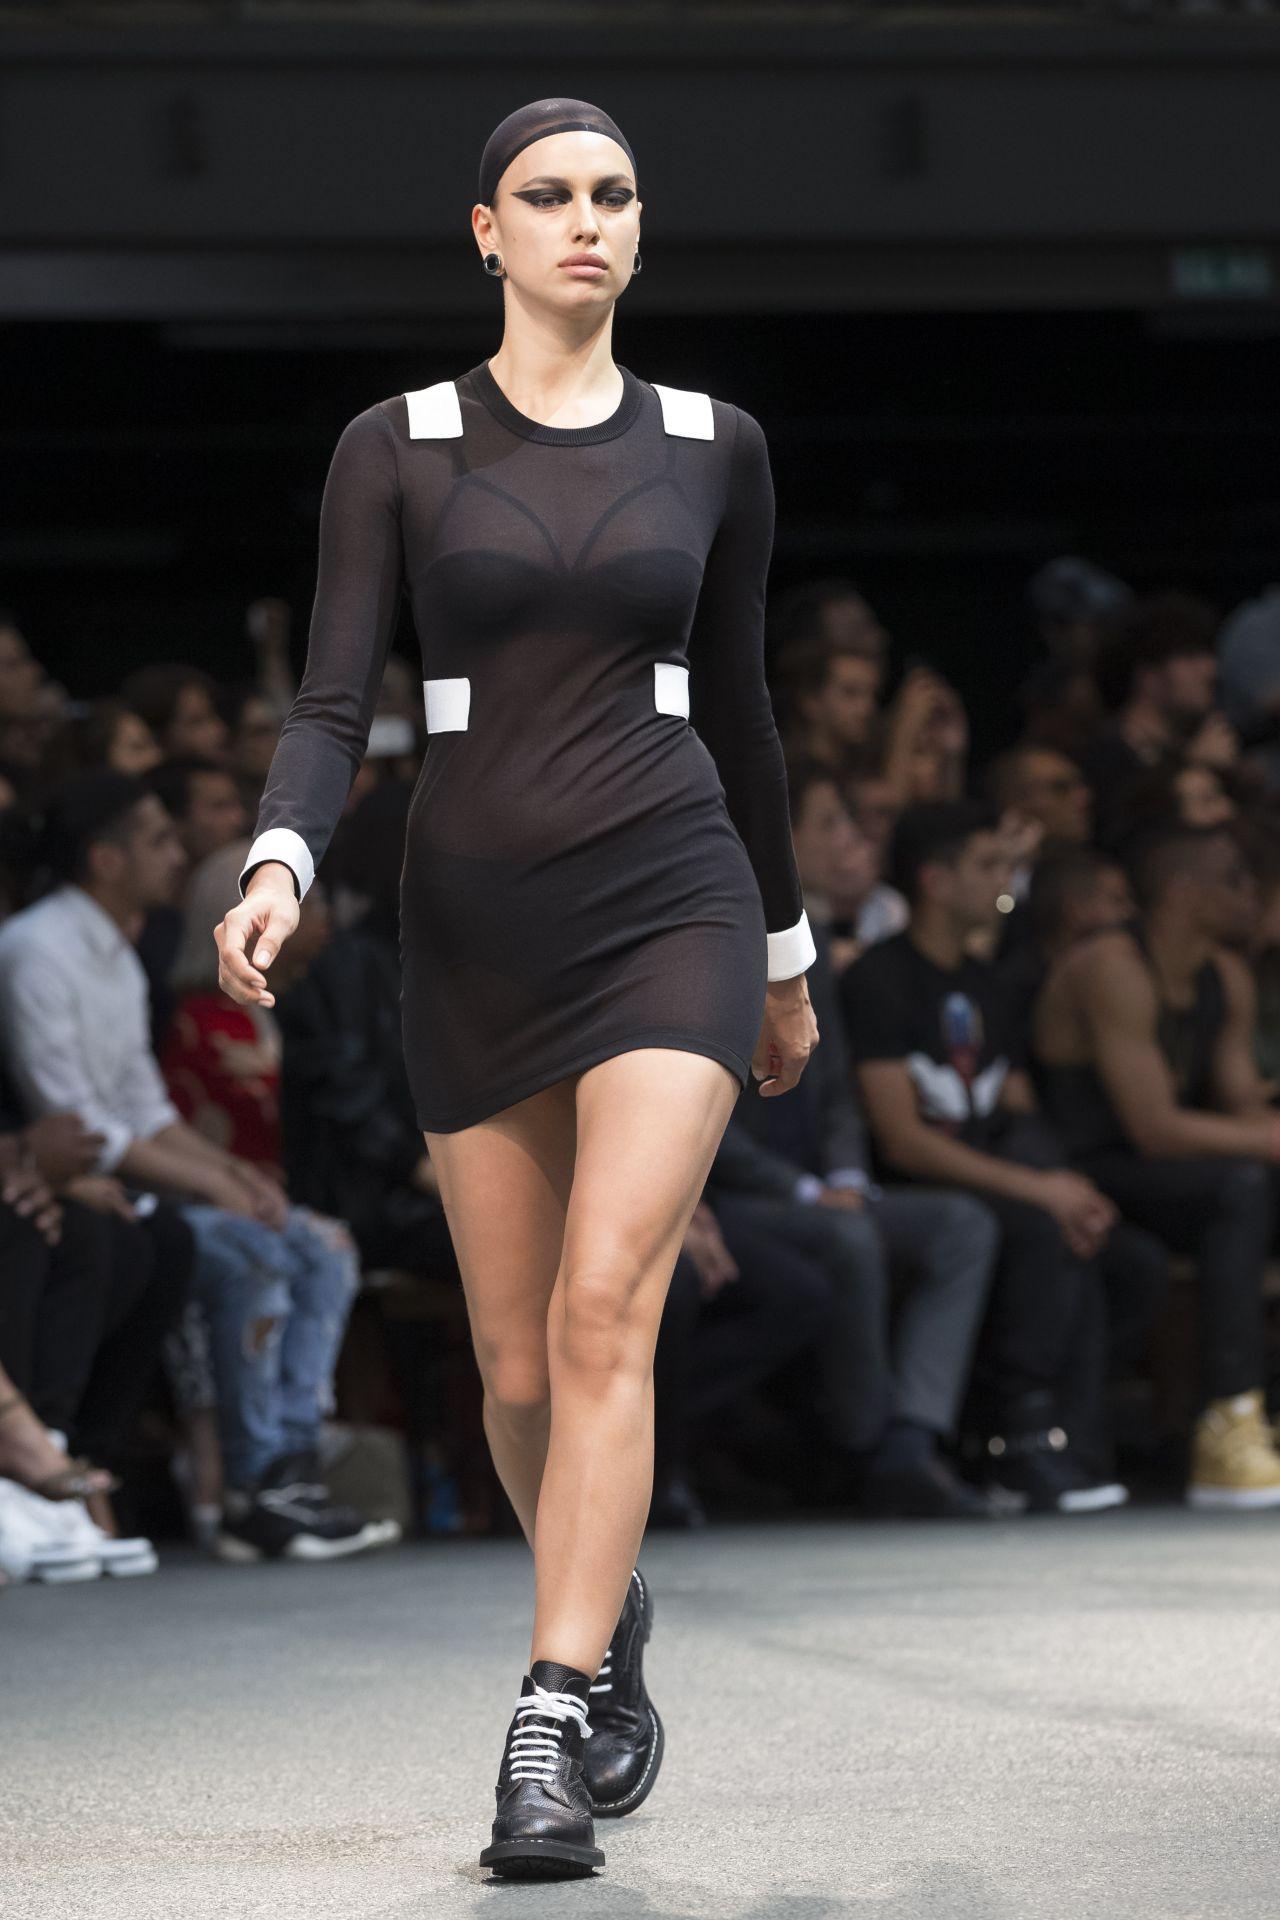 fashion Model irina shayk